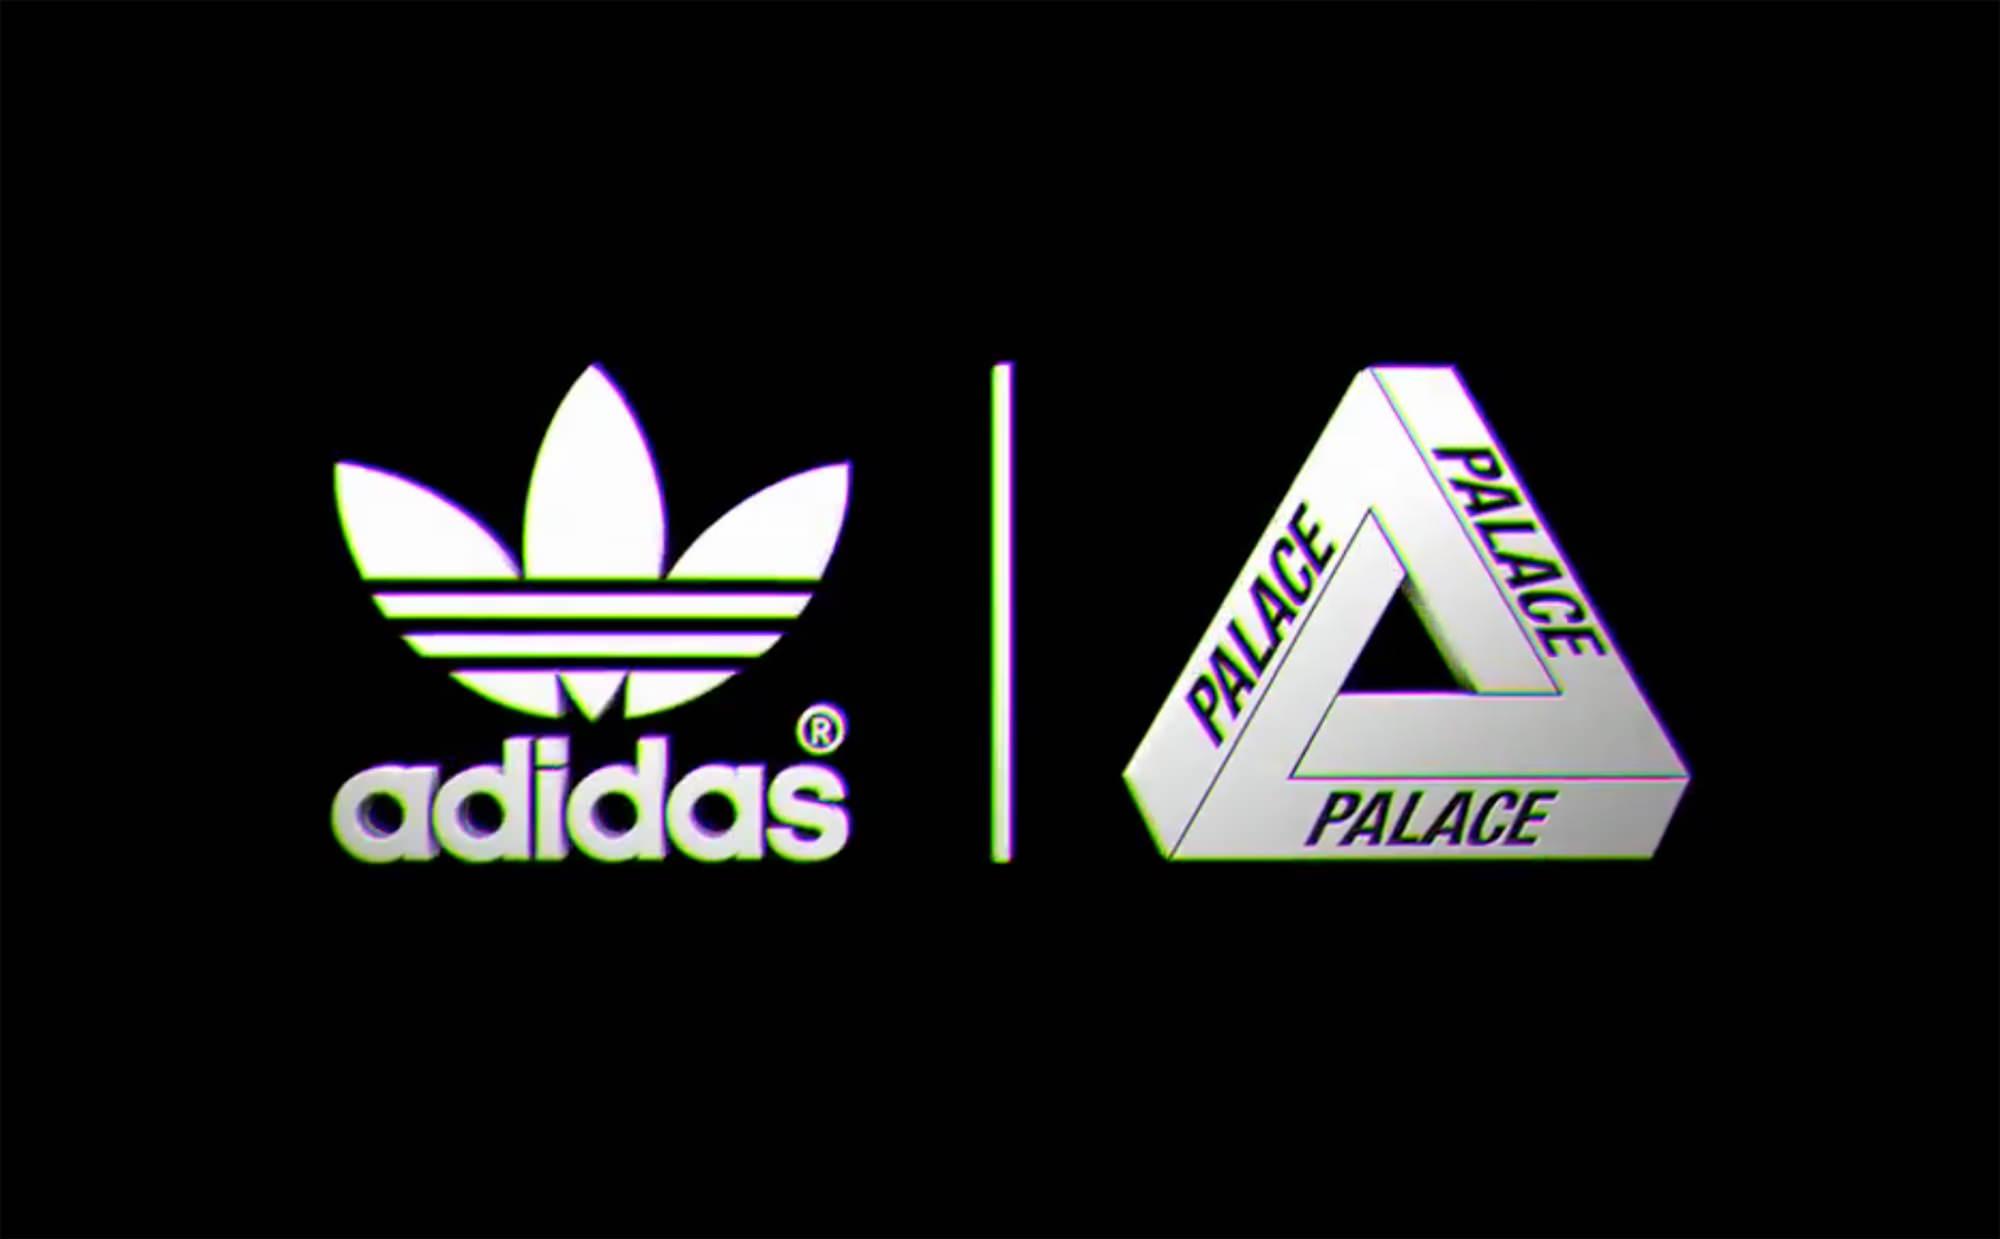 581e911bb69ed76343e88809_palace-adidas-originals-2016fw-main-2-1